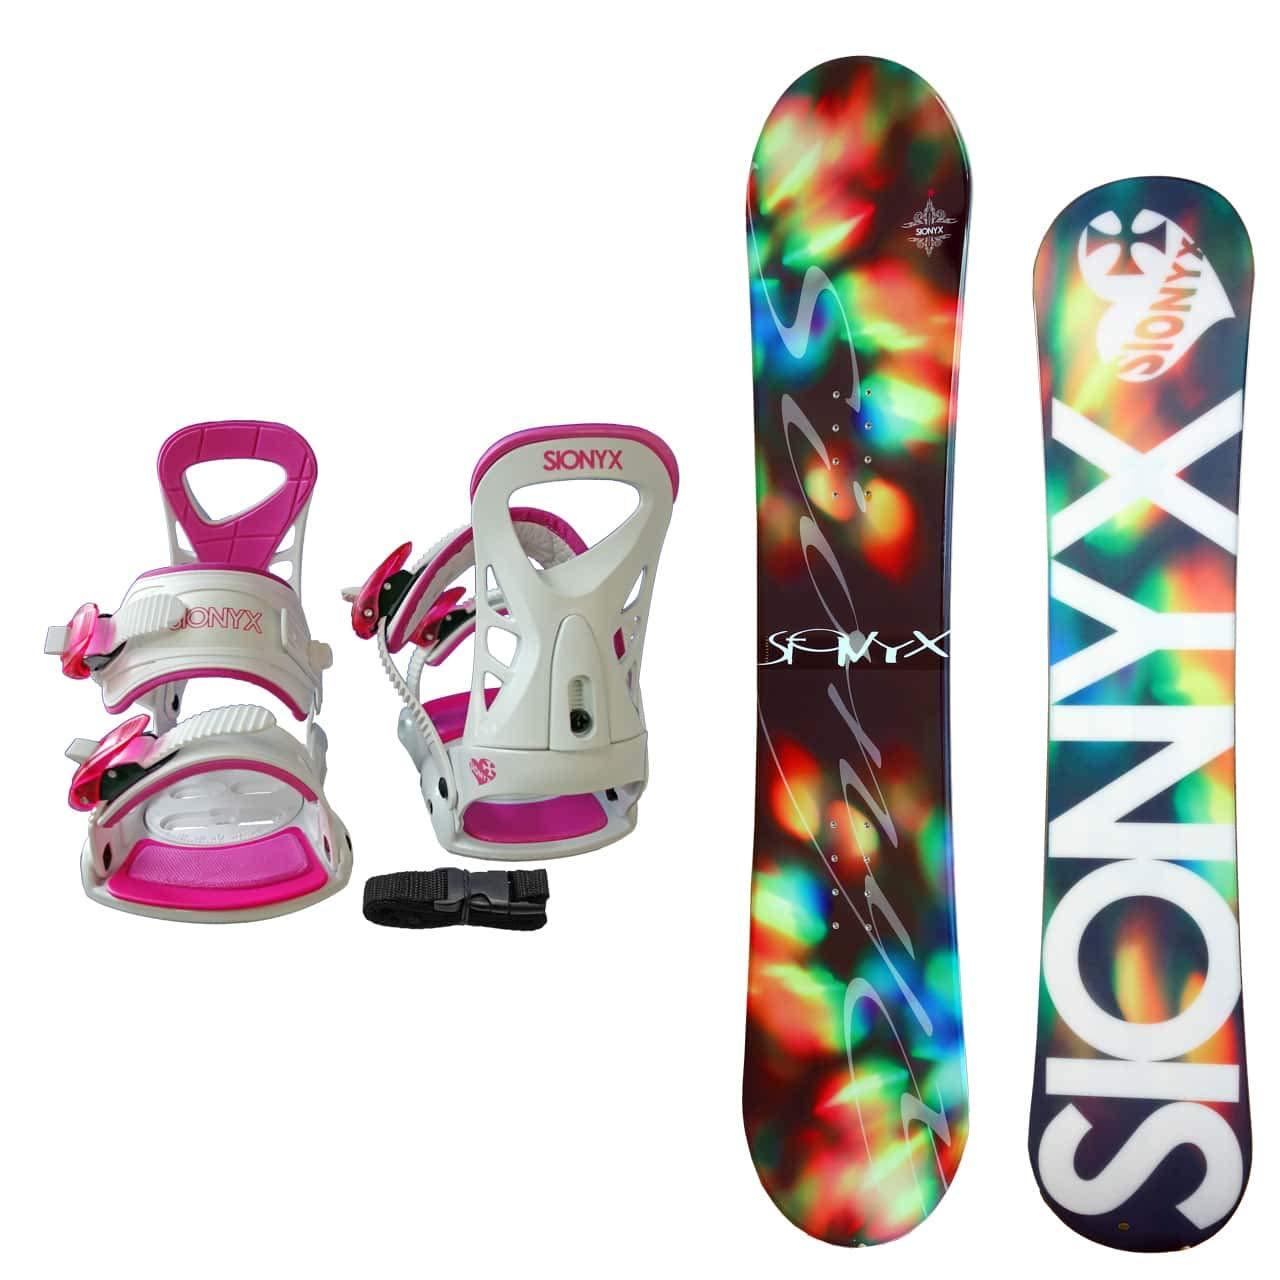 SIONYX レディース スノーボード2点セット スノボー+バインディング BELLA B07JJYDL7X ボード 144|ボード ブラック+binding ホワイト ボード ブラック+binding ホワイト ボード 144